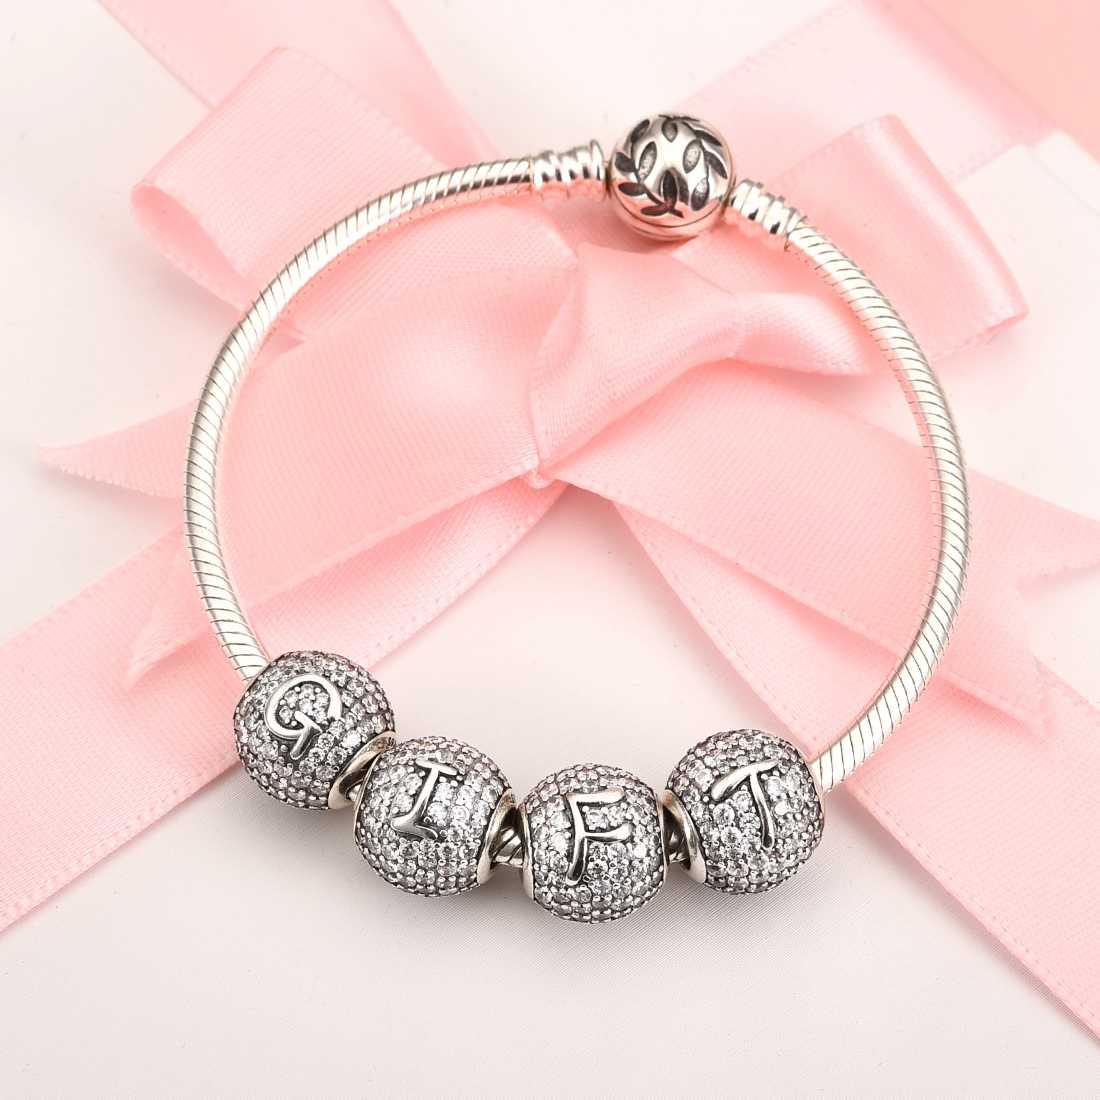 Jiayiqi a z carta zircão contas encantos 925 contas de prata esterlina caber 925 prata esterlina pulseiras das mulheres prata 925 jóias